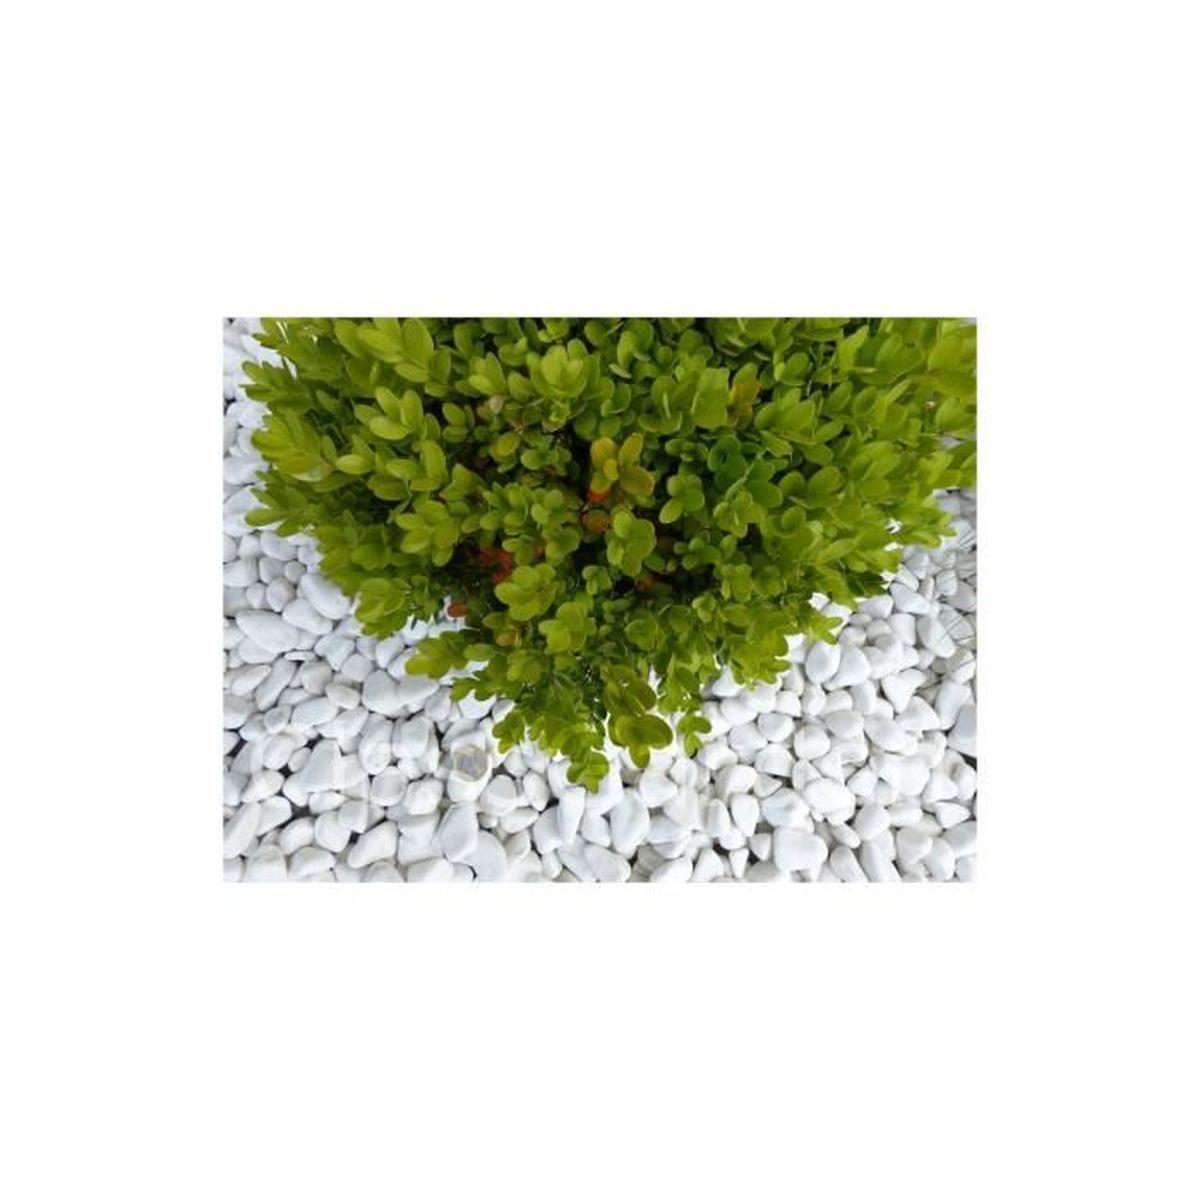 Galet Blanc Pure Pack De 7 M² Calibre 12-24 Mm concernant Galet Blanc Jardin Pas Cher